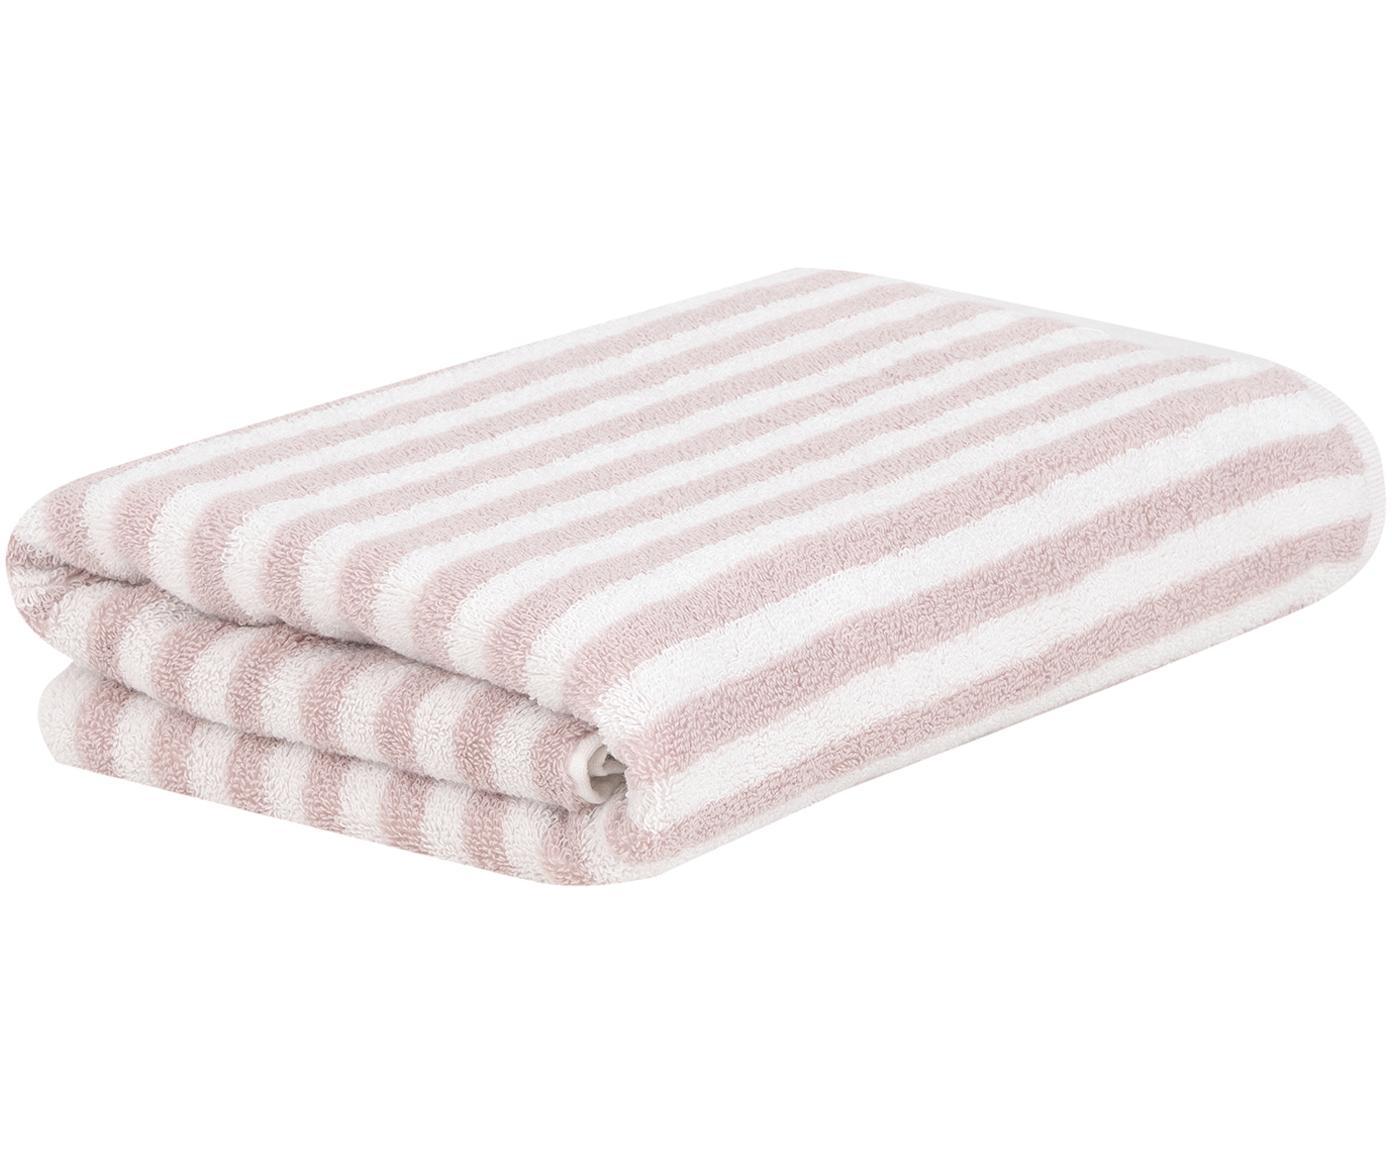 Gestreiftes Handtuch Viola, verschiedene Größen, Rosa, Cremeweiß, Handtuch